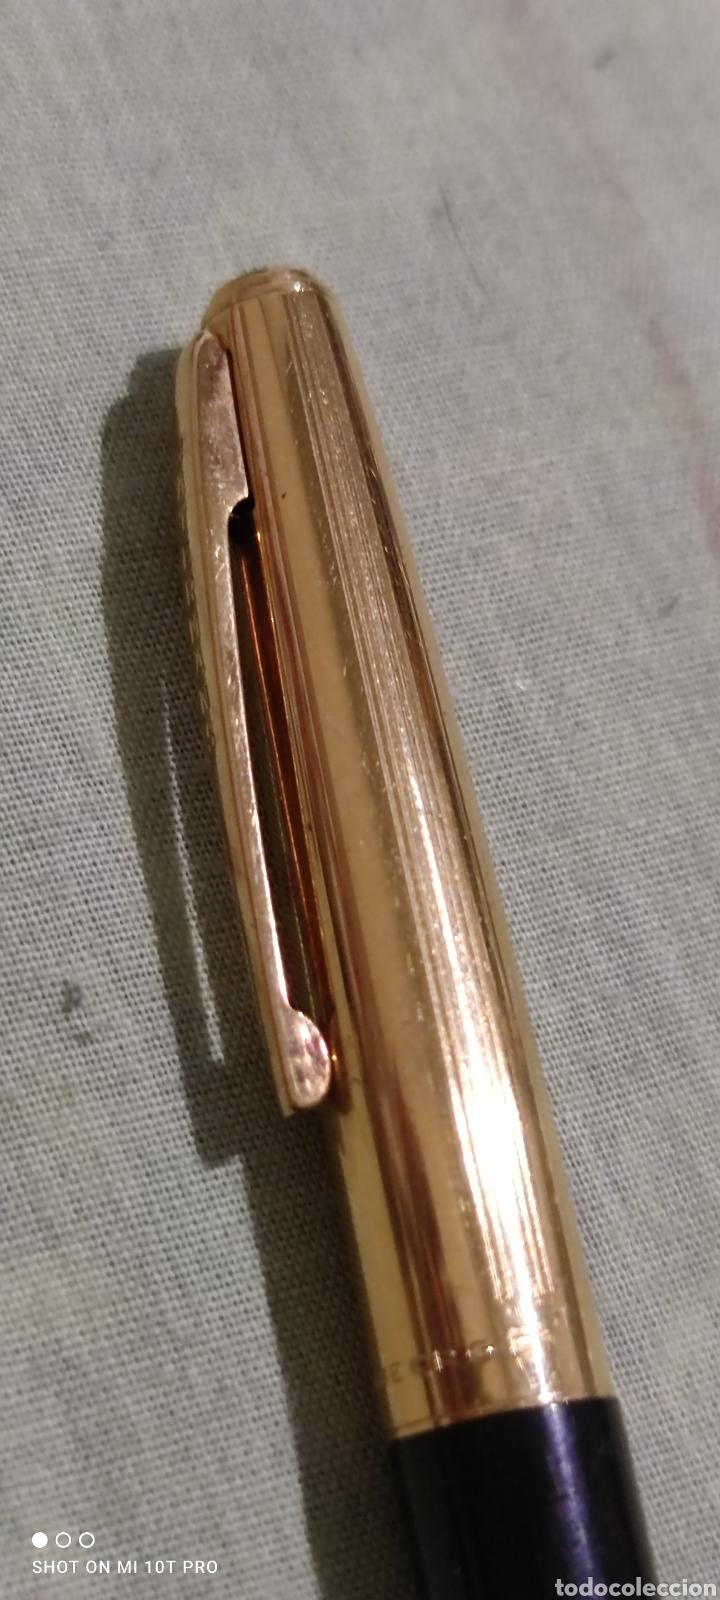 Plumas estilográficas antiguas: Pluma Waterman - Foto 11 - 293662468